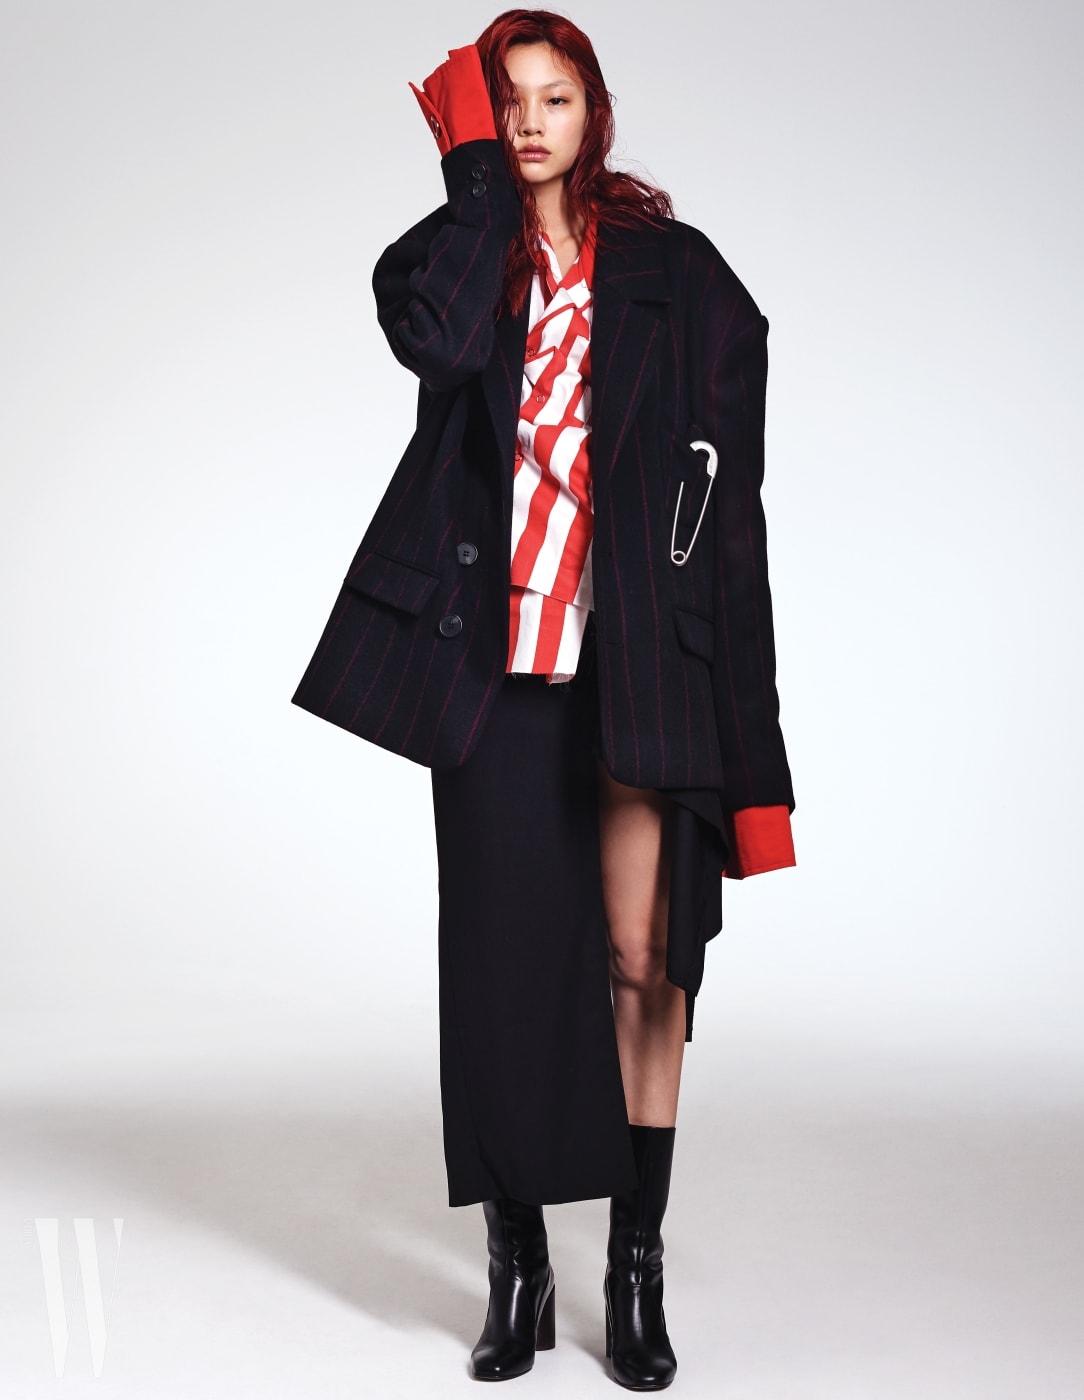 큼직한 옷핀이 장식된 오버사이즈 재짓과 깊은 슬릿이 포인트인 스커트, 안에 입은 빨간색 줄무늬 셔츠는 모두 R.Shemiste 제품.